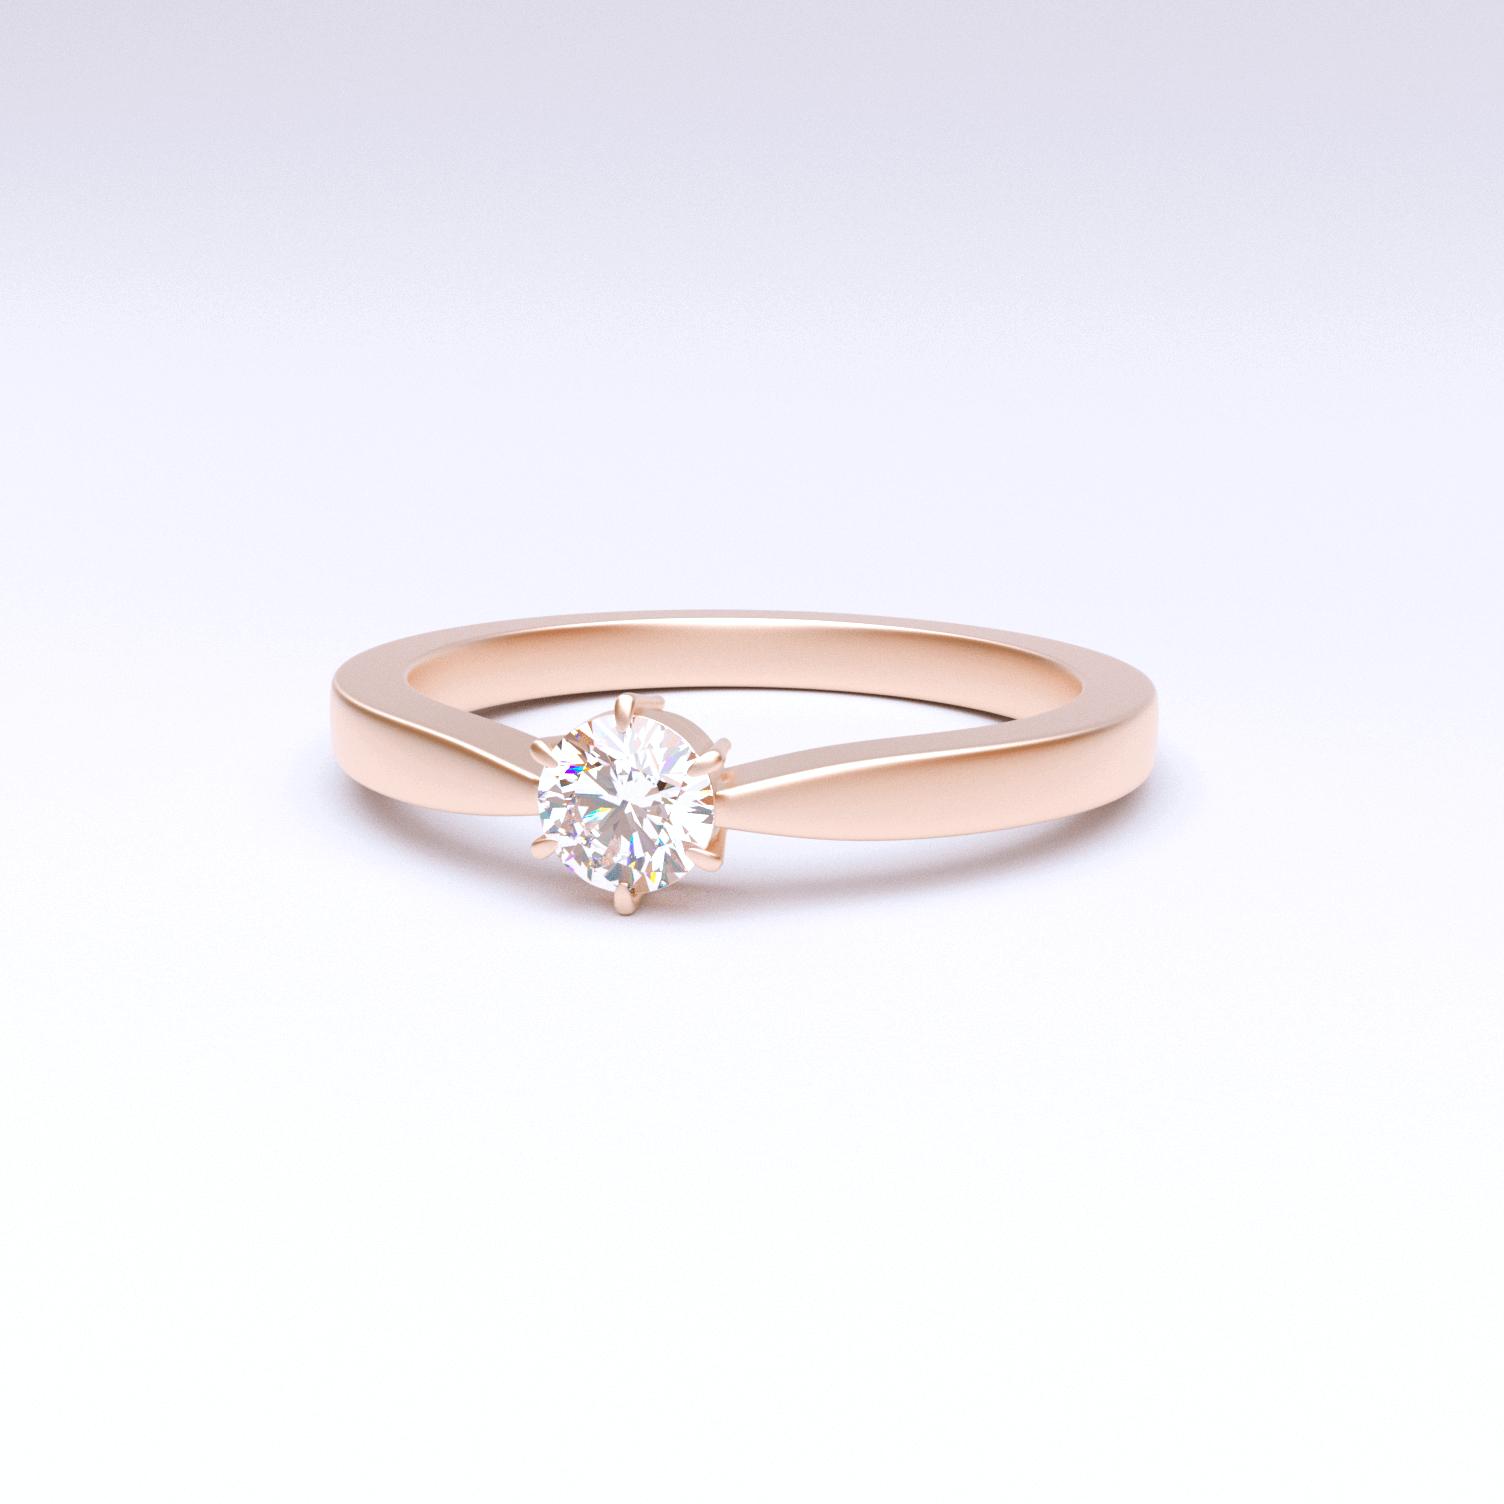 デザイン、指輪のサイズを選ぶ